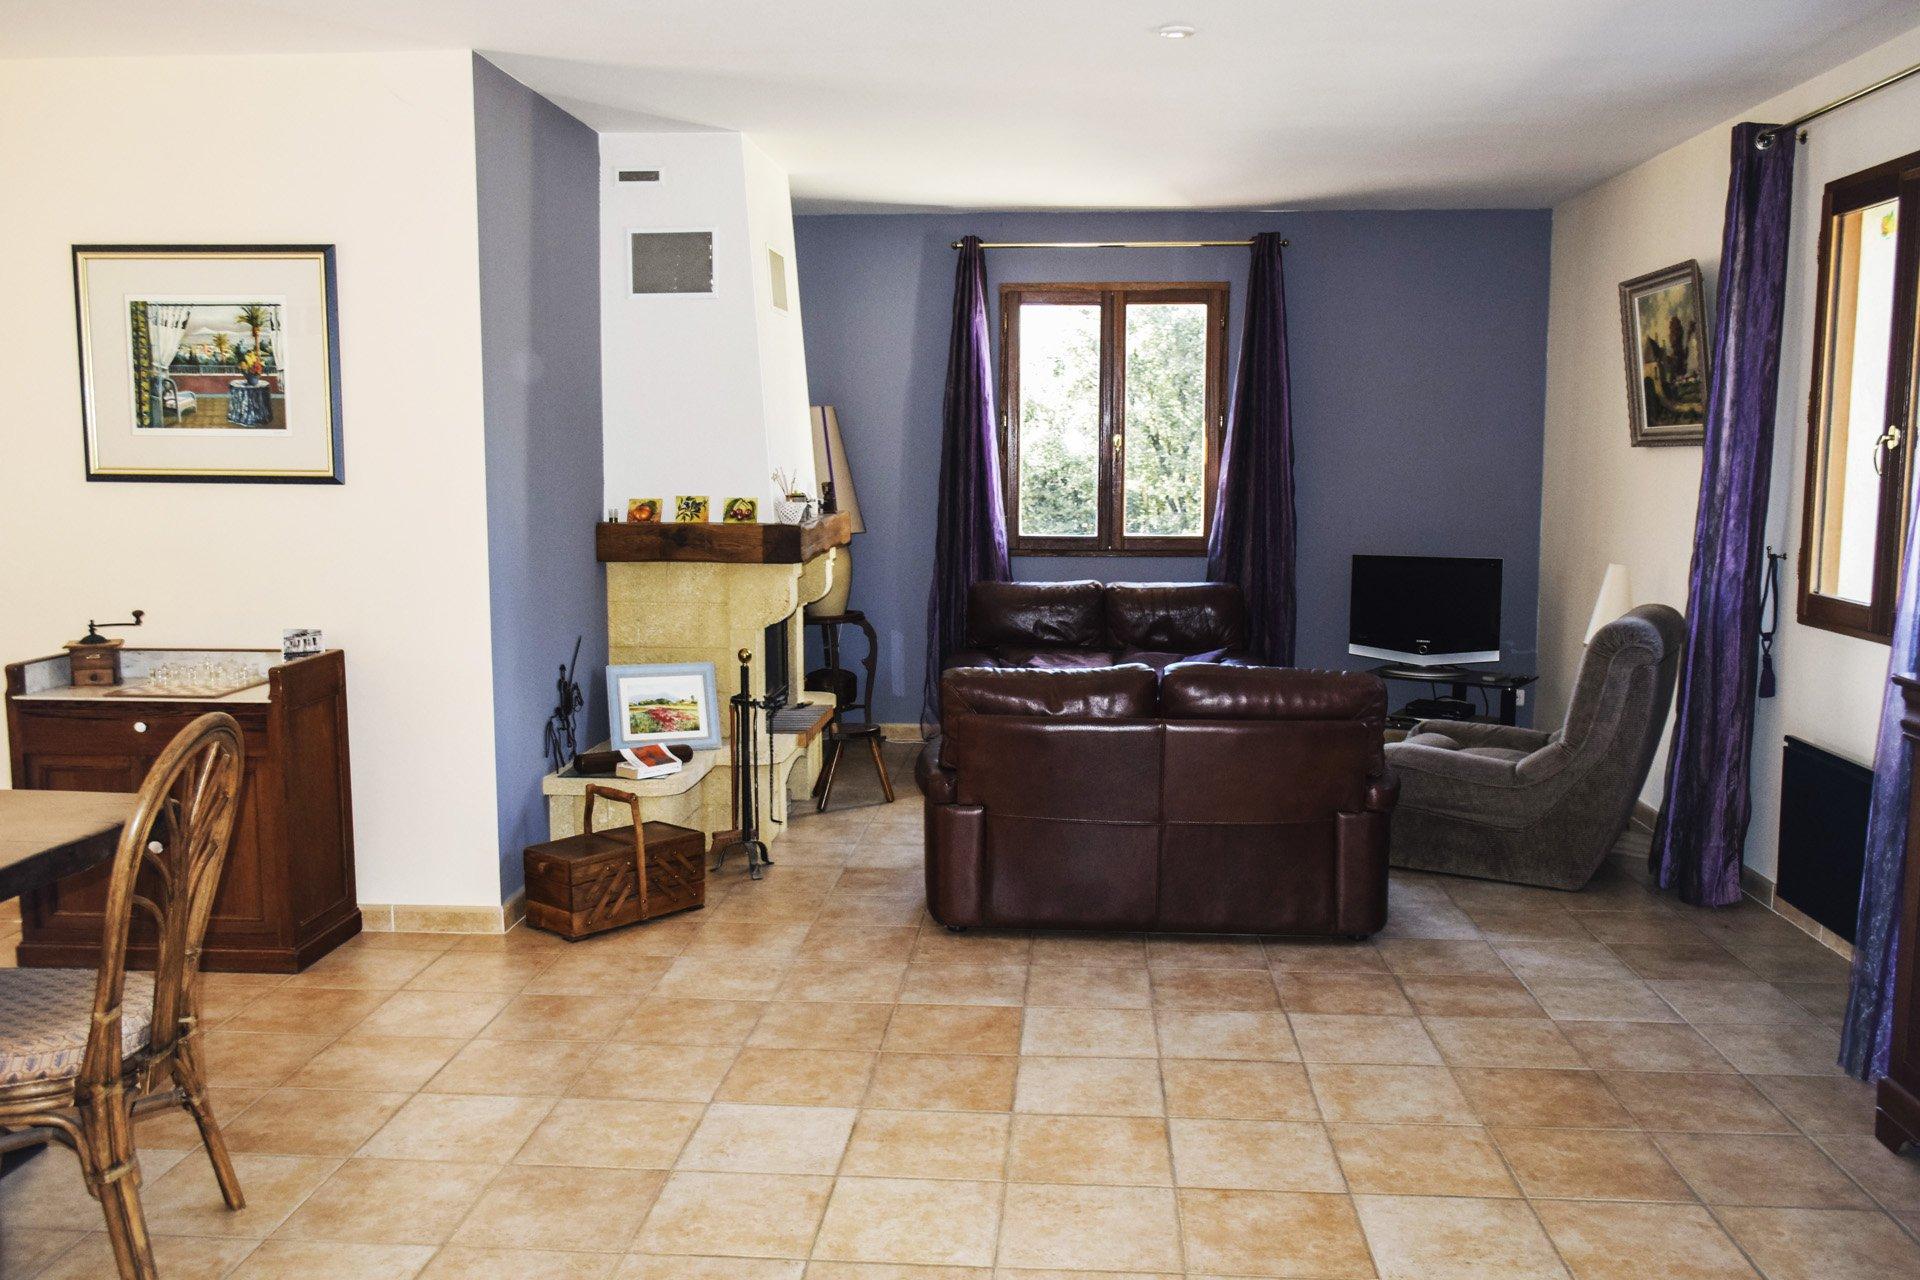 séjour cheminée de la villa récente 5 chambres, piscine, appartement indépendant, moissac bellevue, var provence